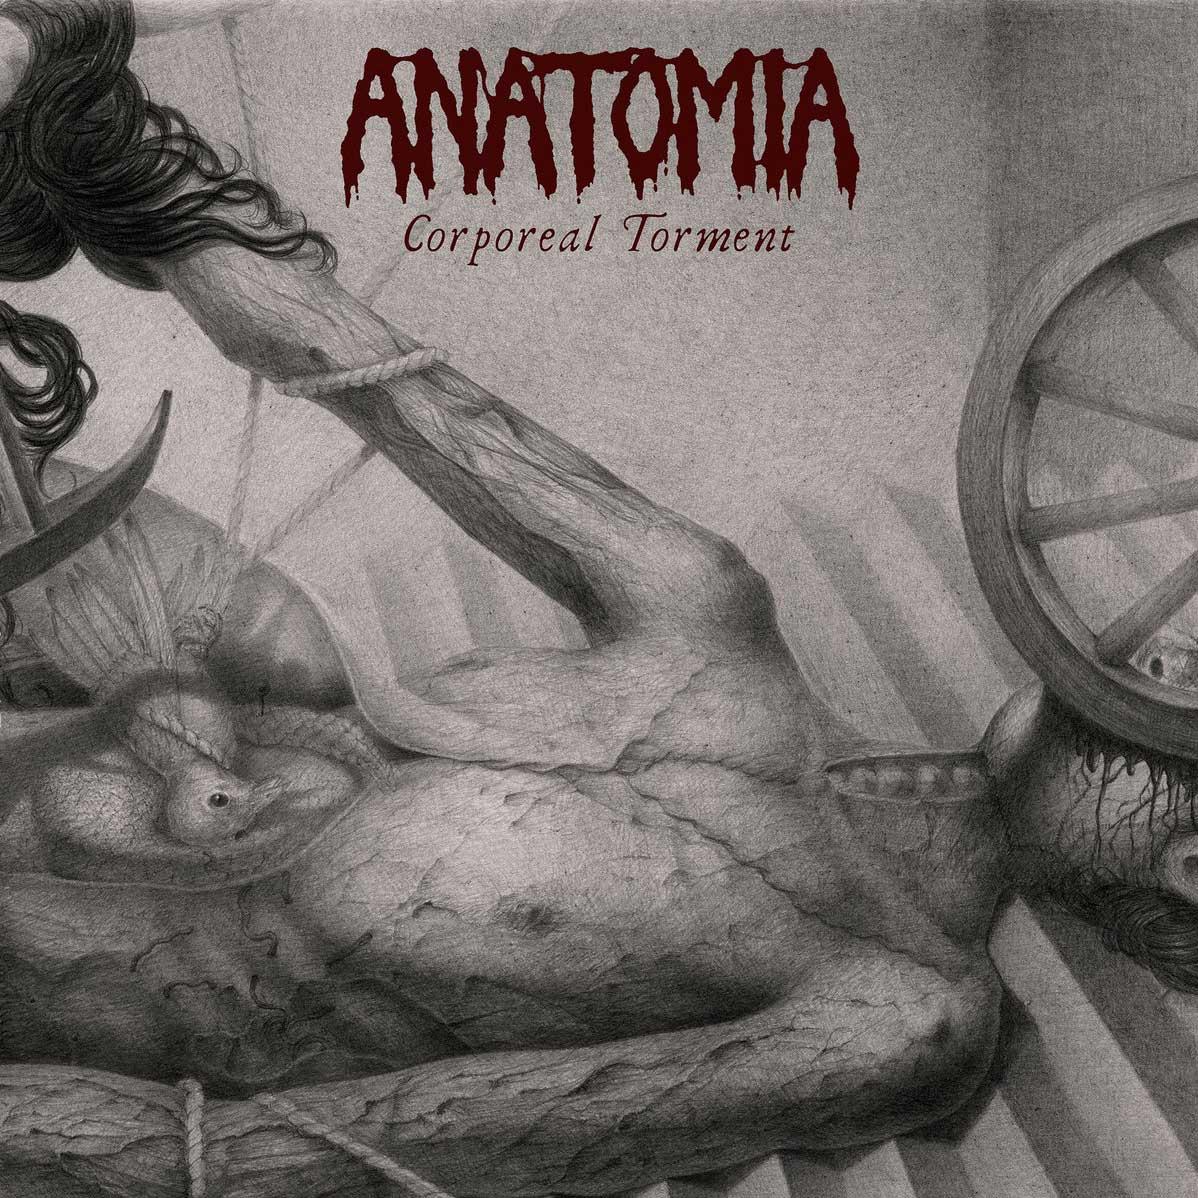 Anatomia – Corporeal Torment